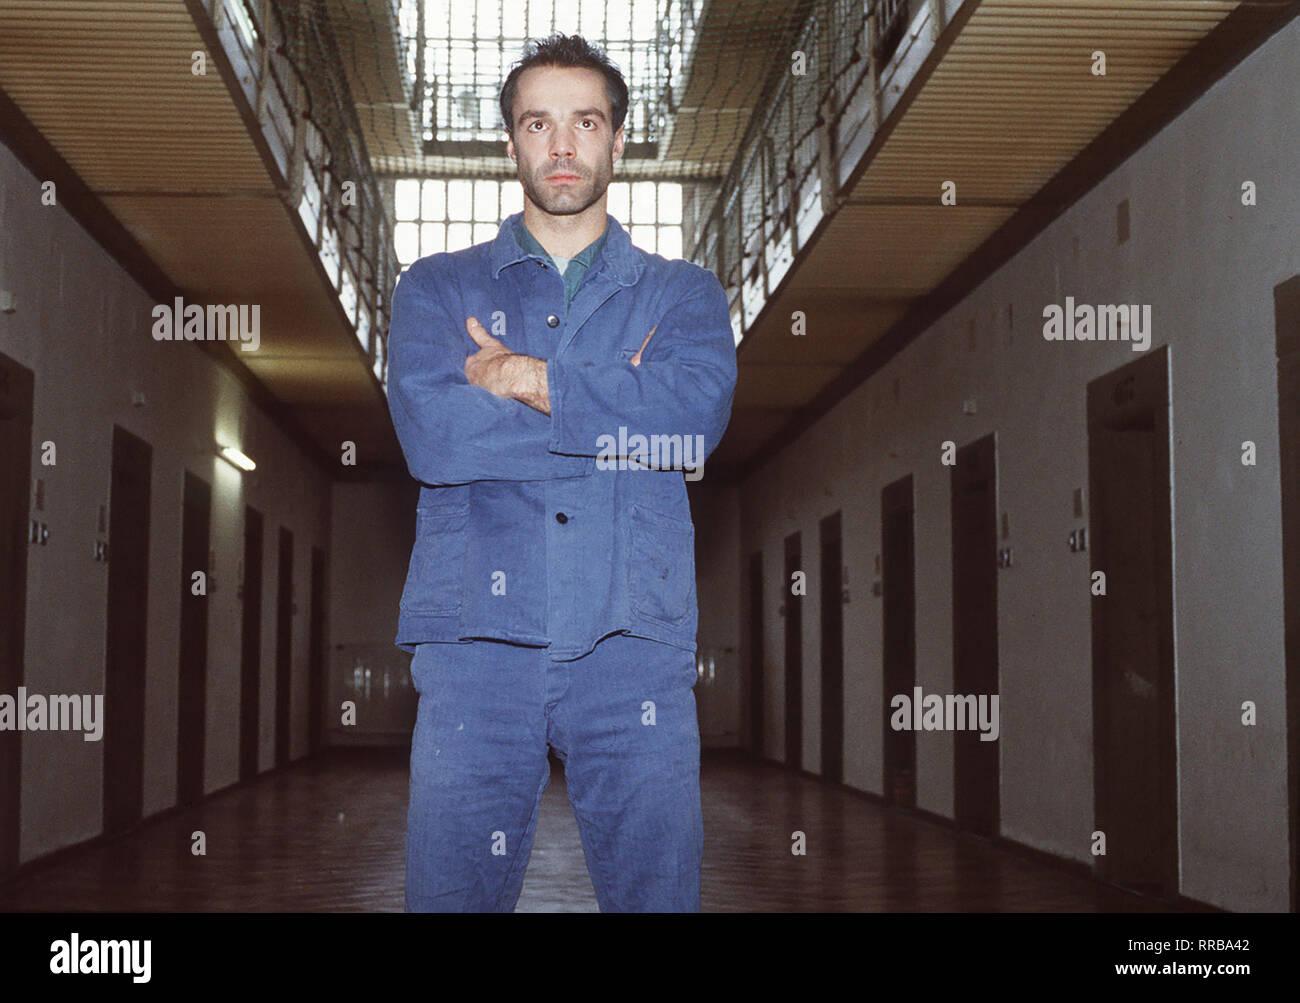 HANNES JAENICKE - Bankräuber Siegfried Dennery - im Gefängnis. Regie: Wolfgang Mühlbauer / Überschrift: DER RÄUBER MIT DER SANFTEN HAND / BRD 1995 Stock Photo